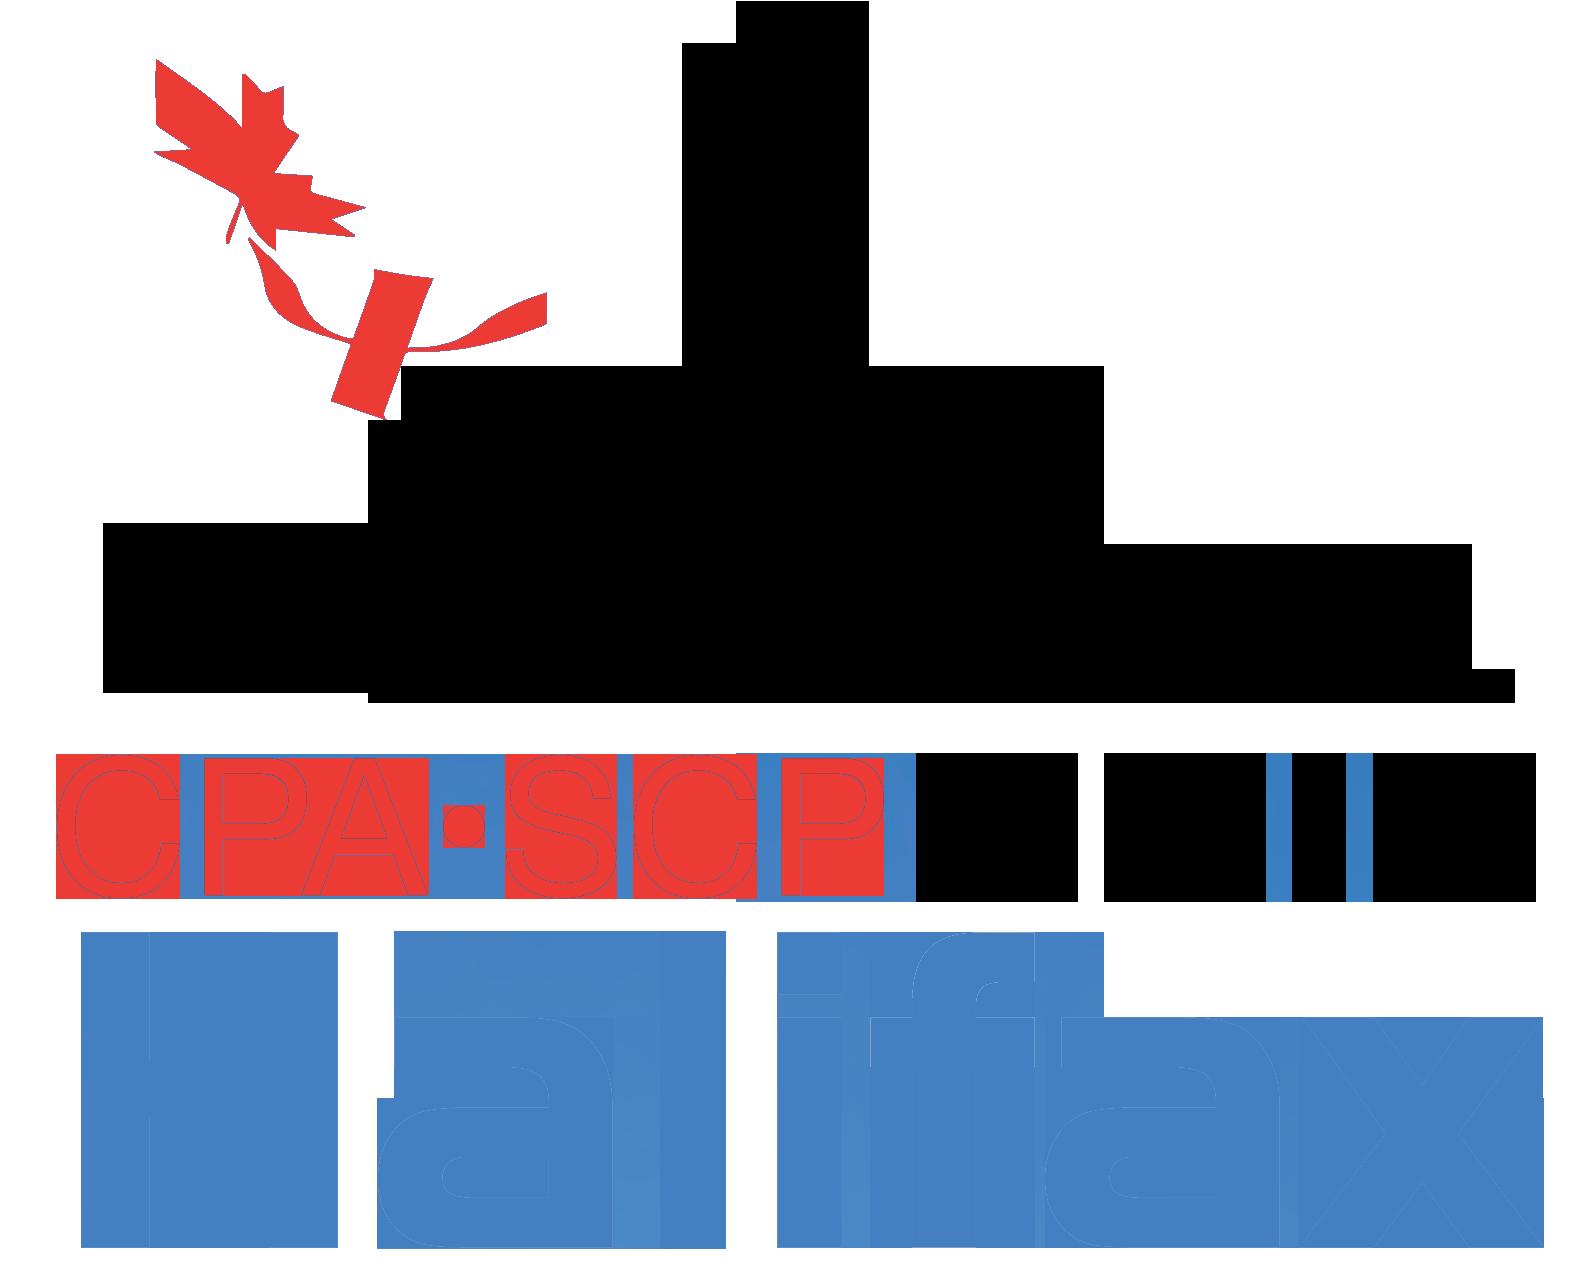 第80届加拿大心理学协会年会暨第4届北美刑事司法心理学会议将于2019年5月31日召开